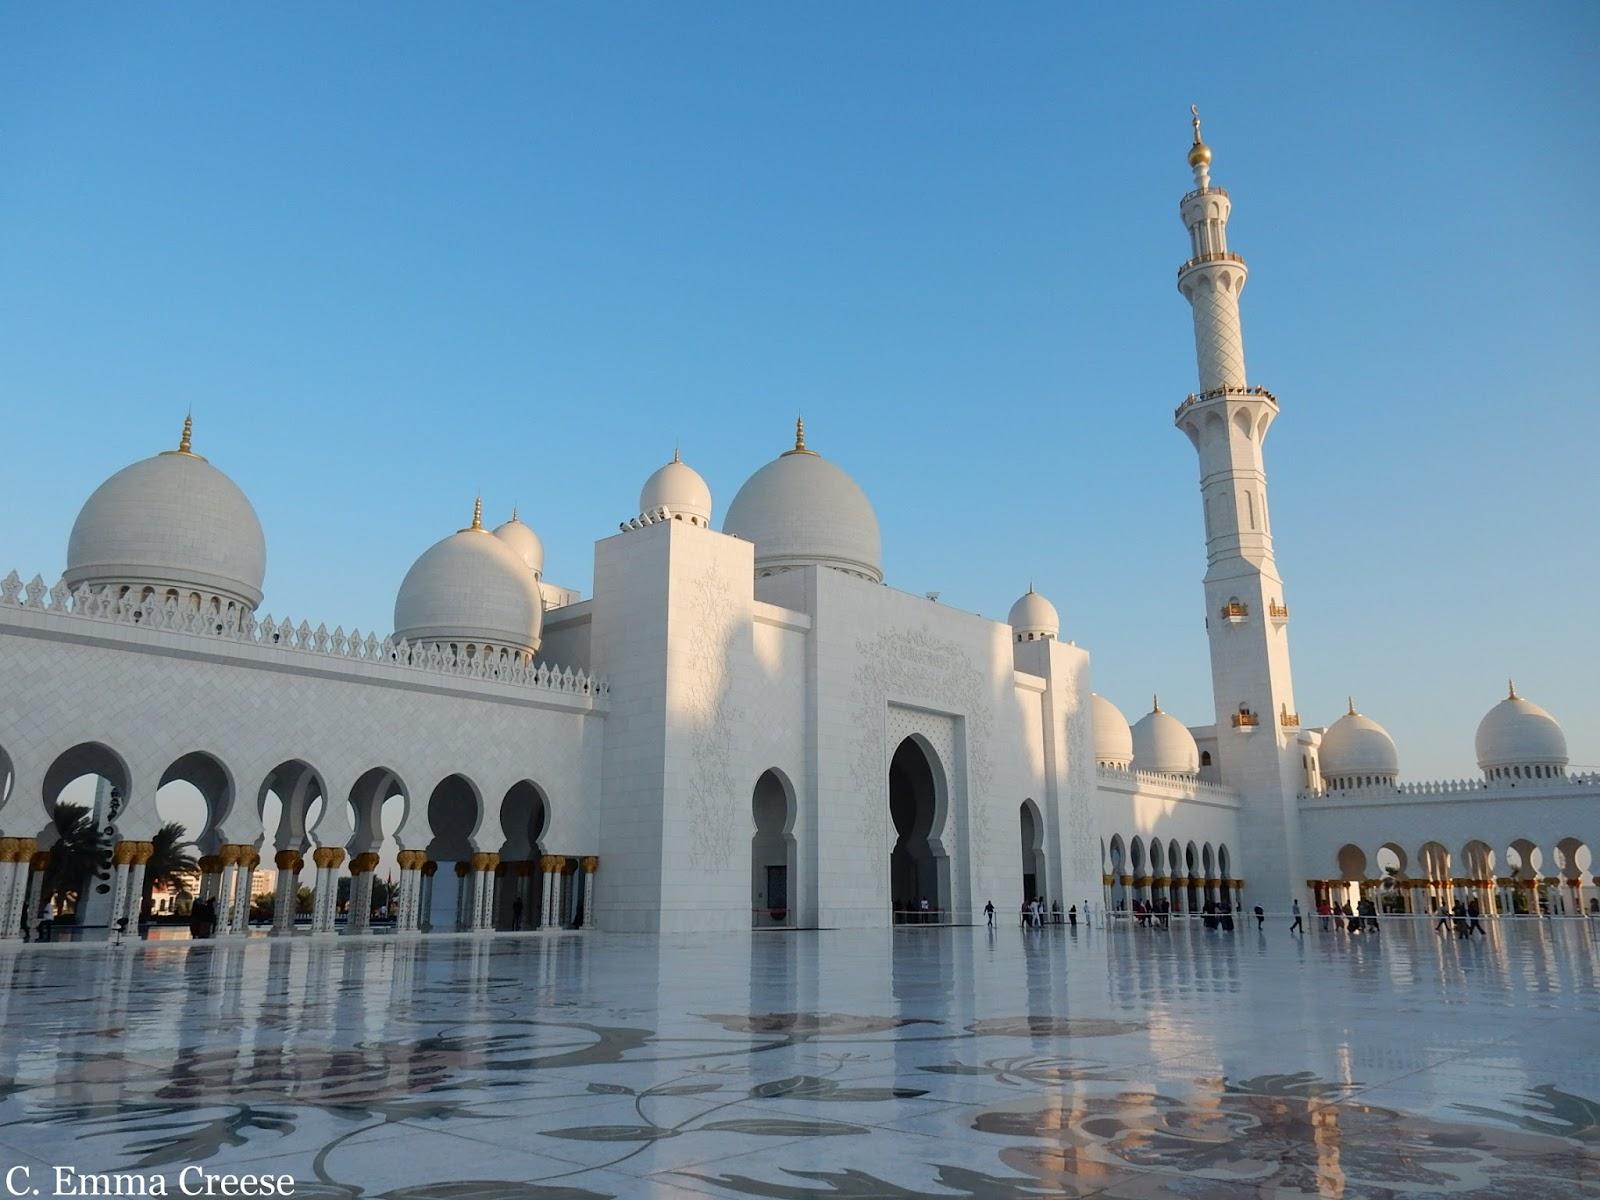 Amazing Architecture Adu Dhabi Grand Mosque